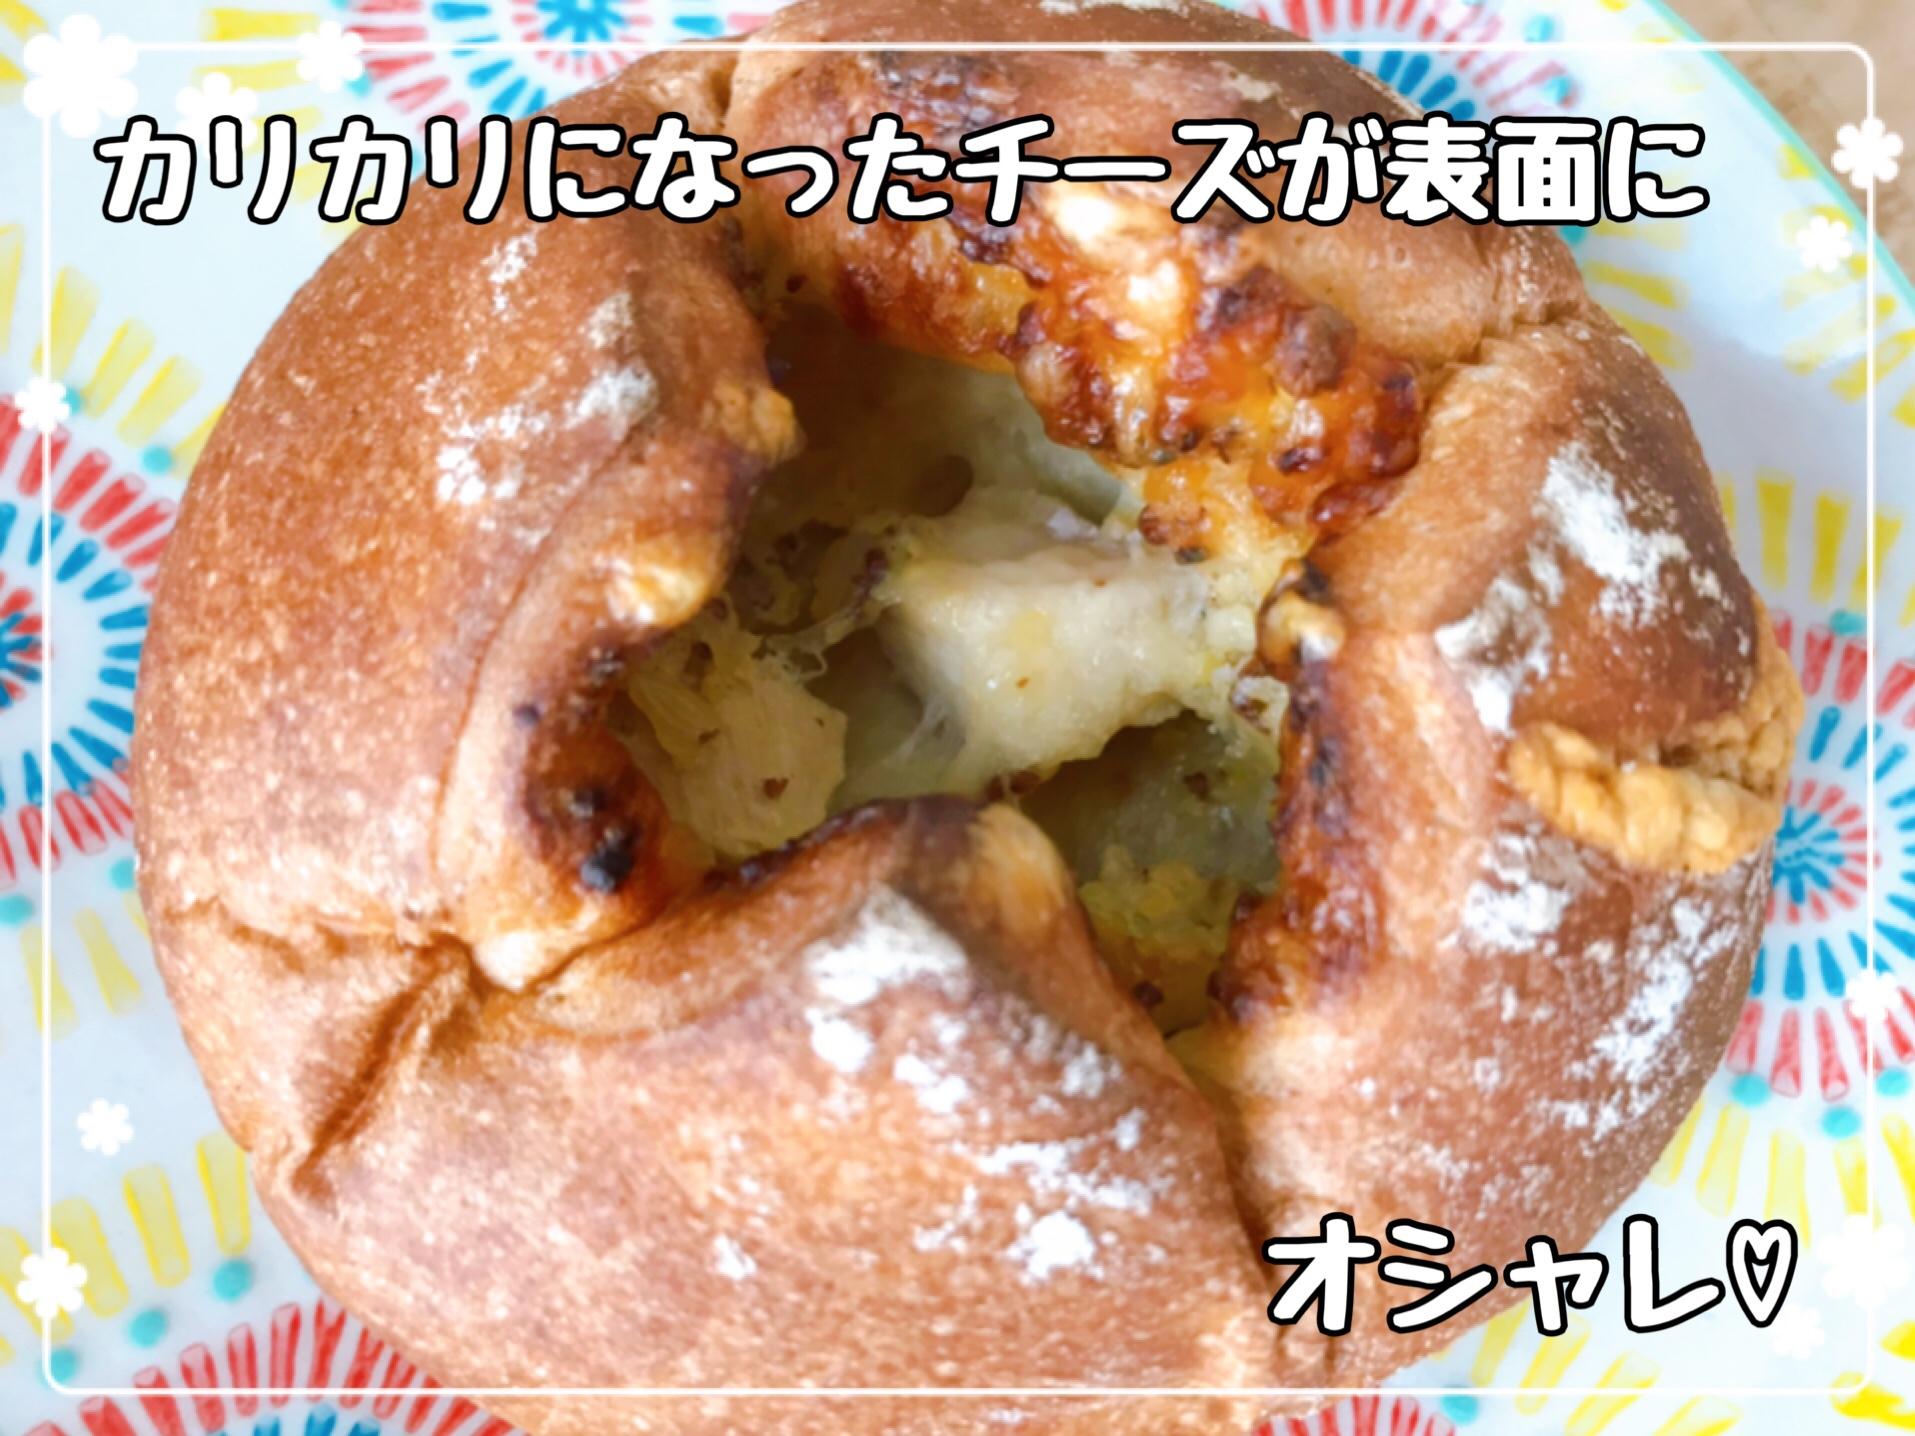 ローソンの低糖質パン